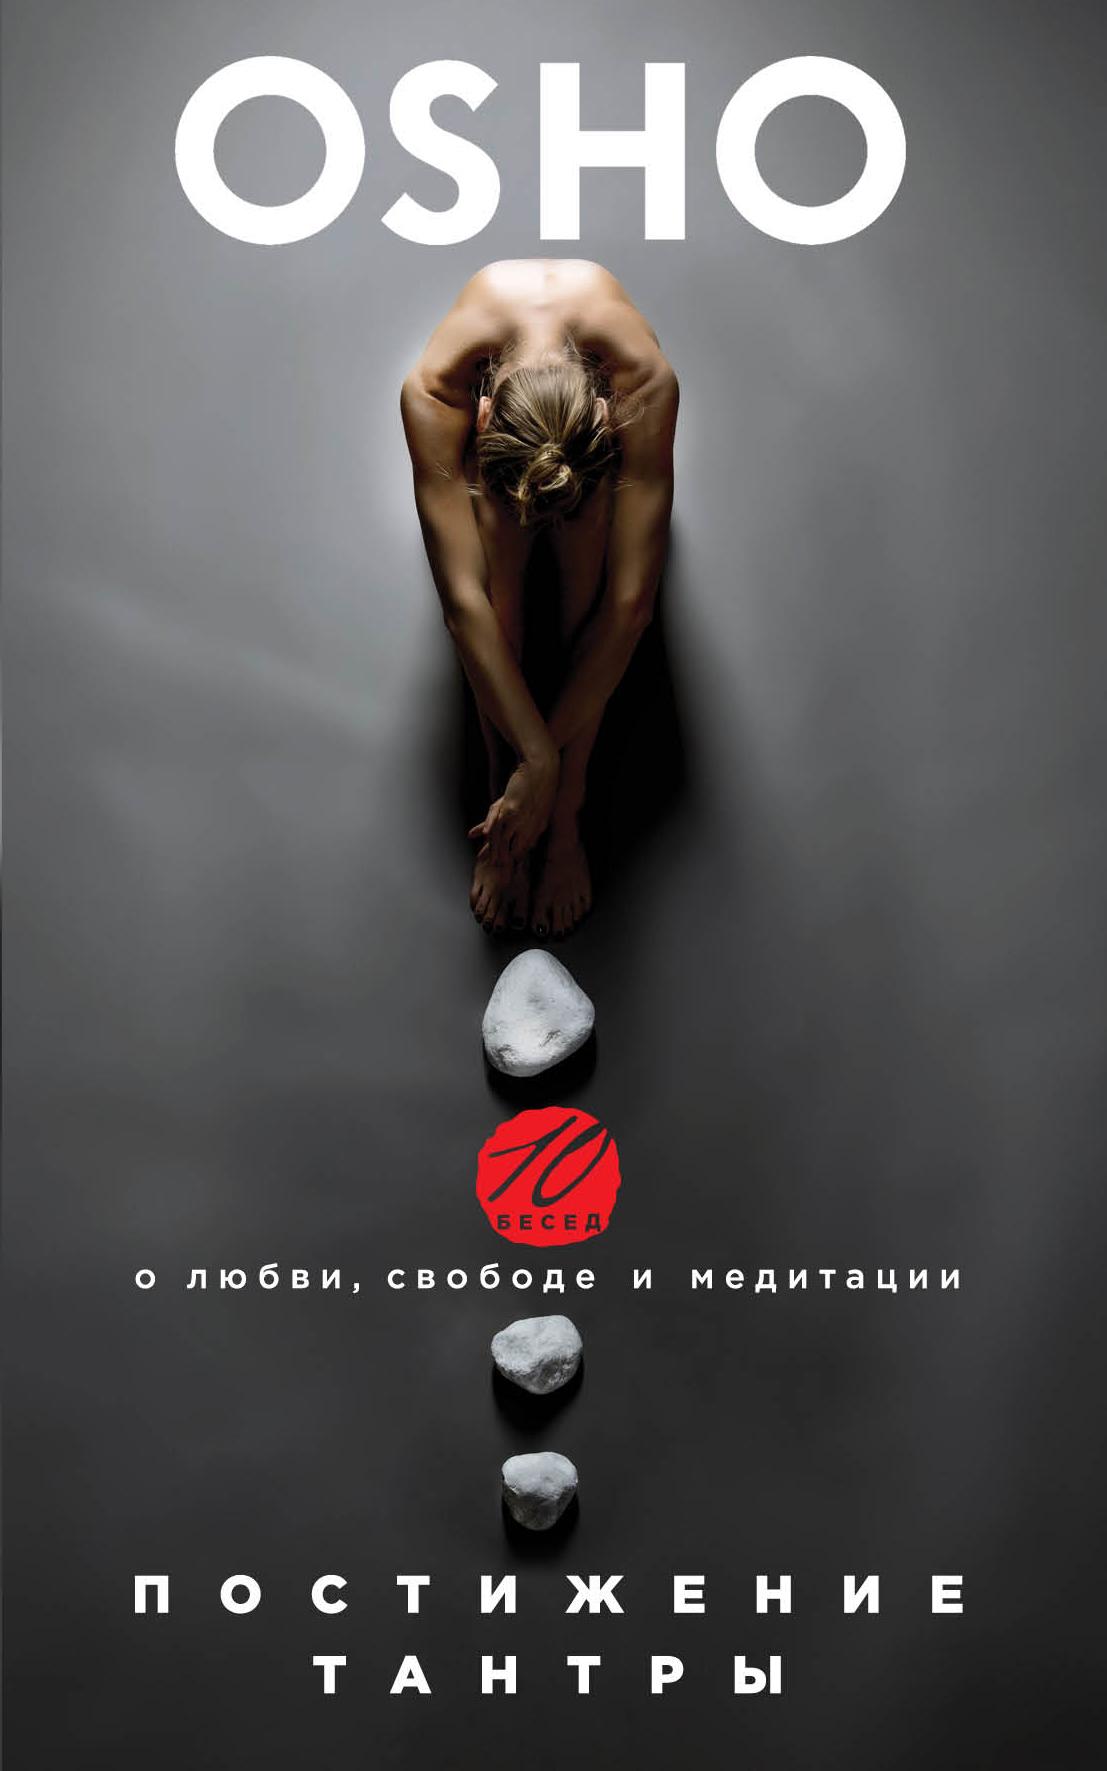 Постижение тантры. 10 бесед о любви, свободе и медитации